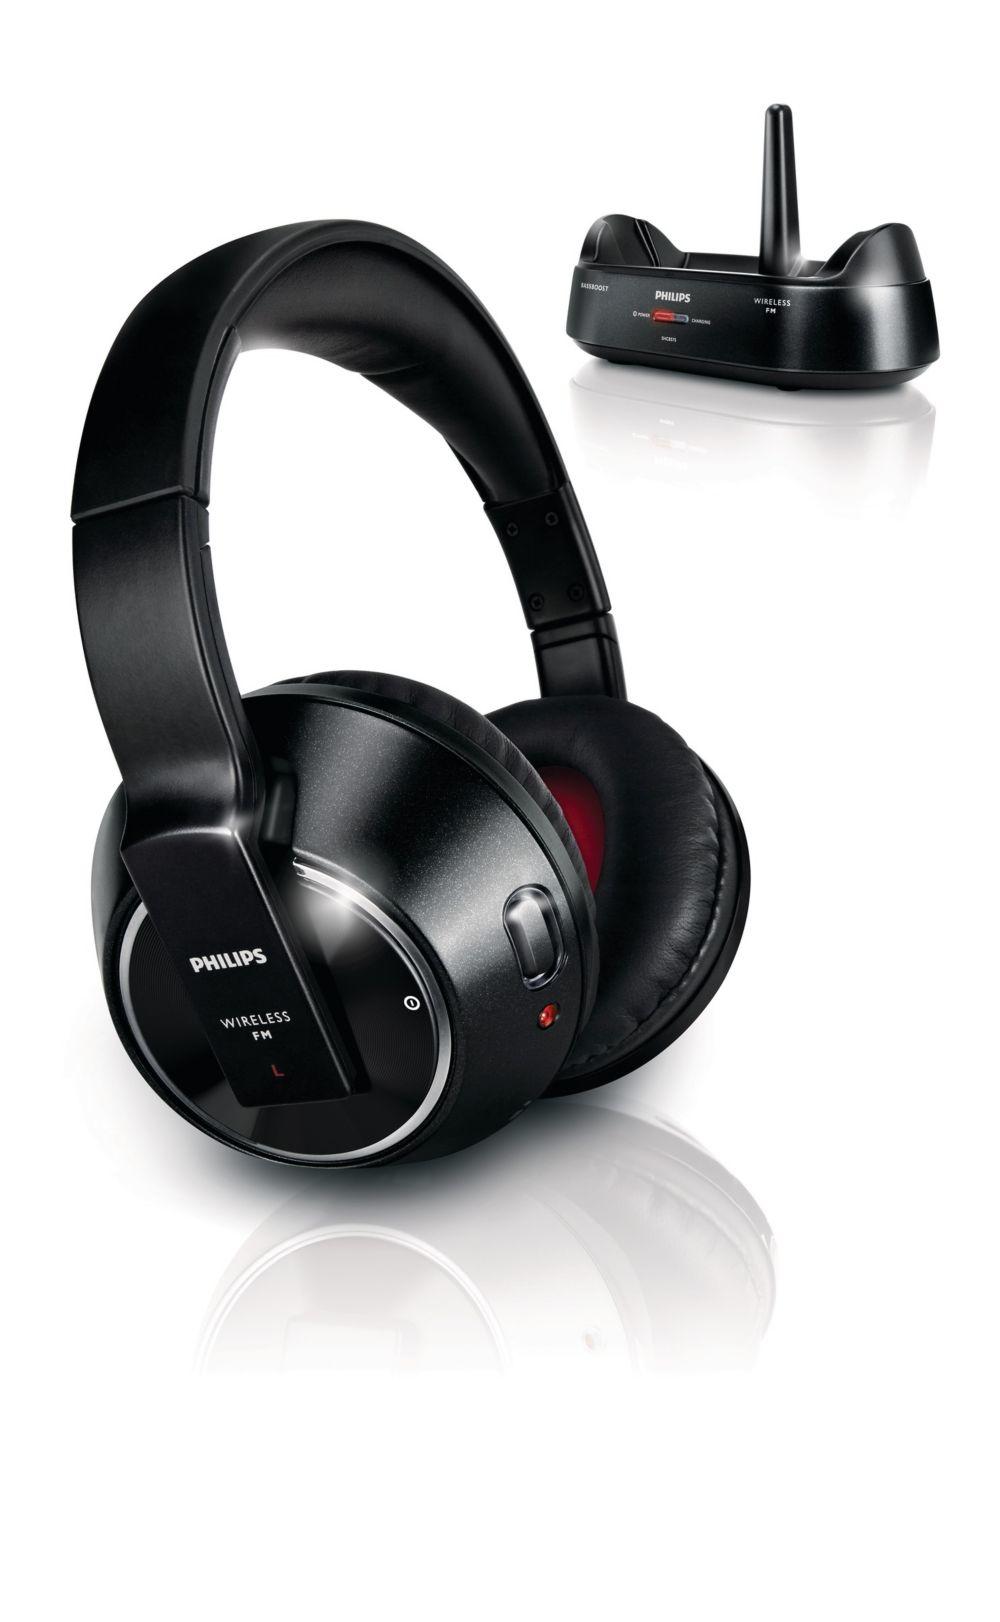 Image of Philips Koptelefoon SHC8575 Draadloos (zwart)